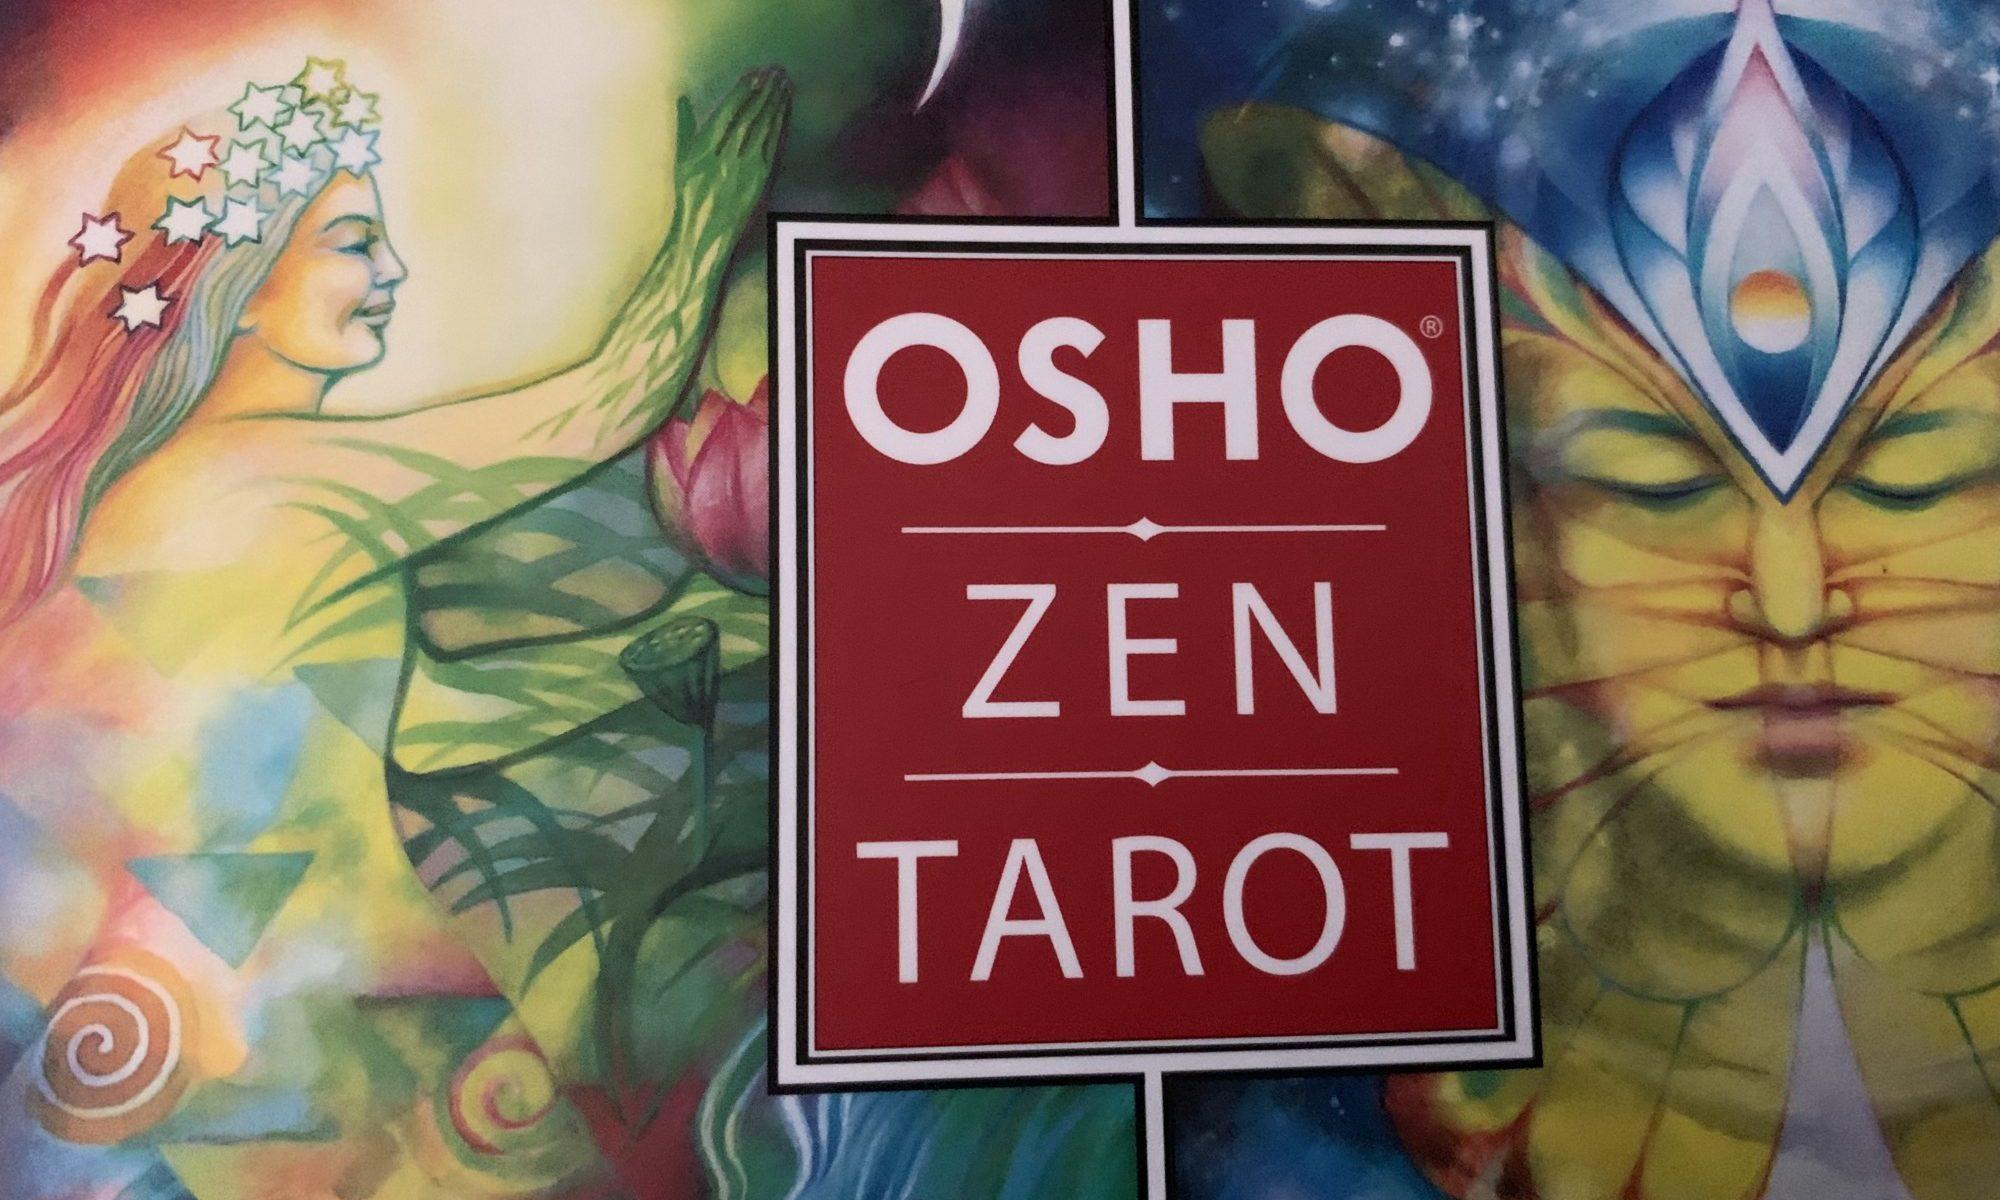 OSHOタロット